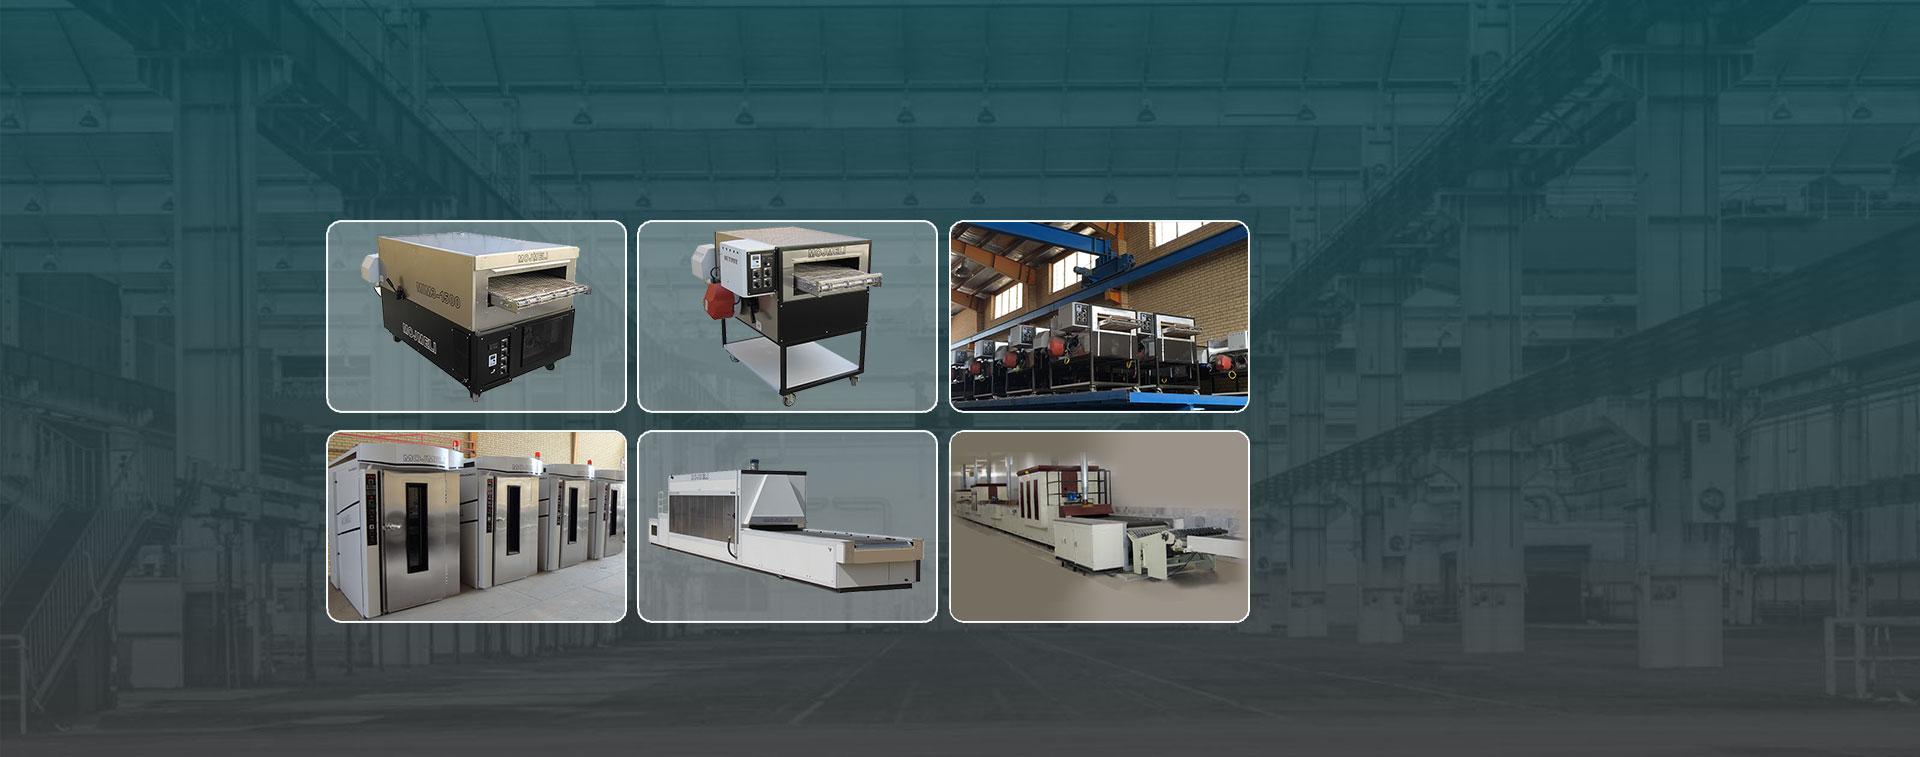 صنایع ماشین سازی مجملی